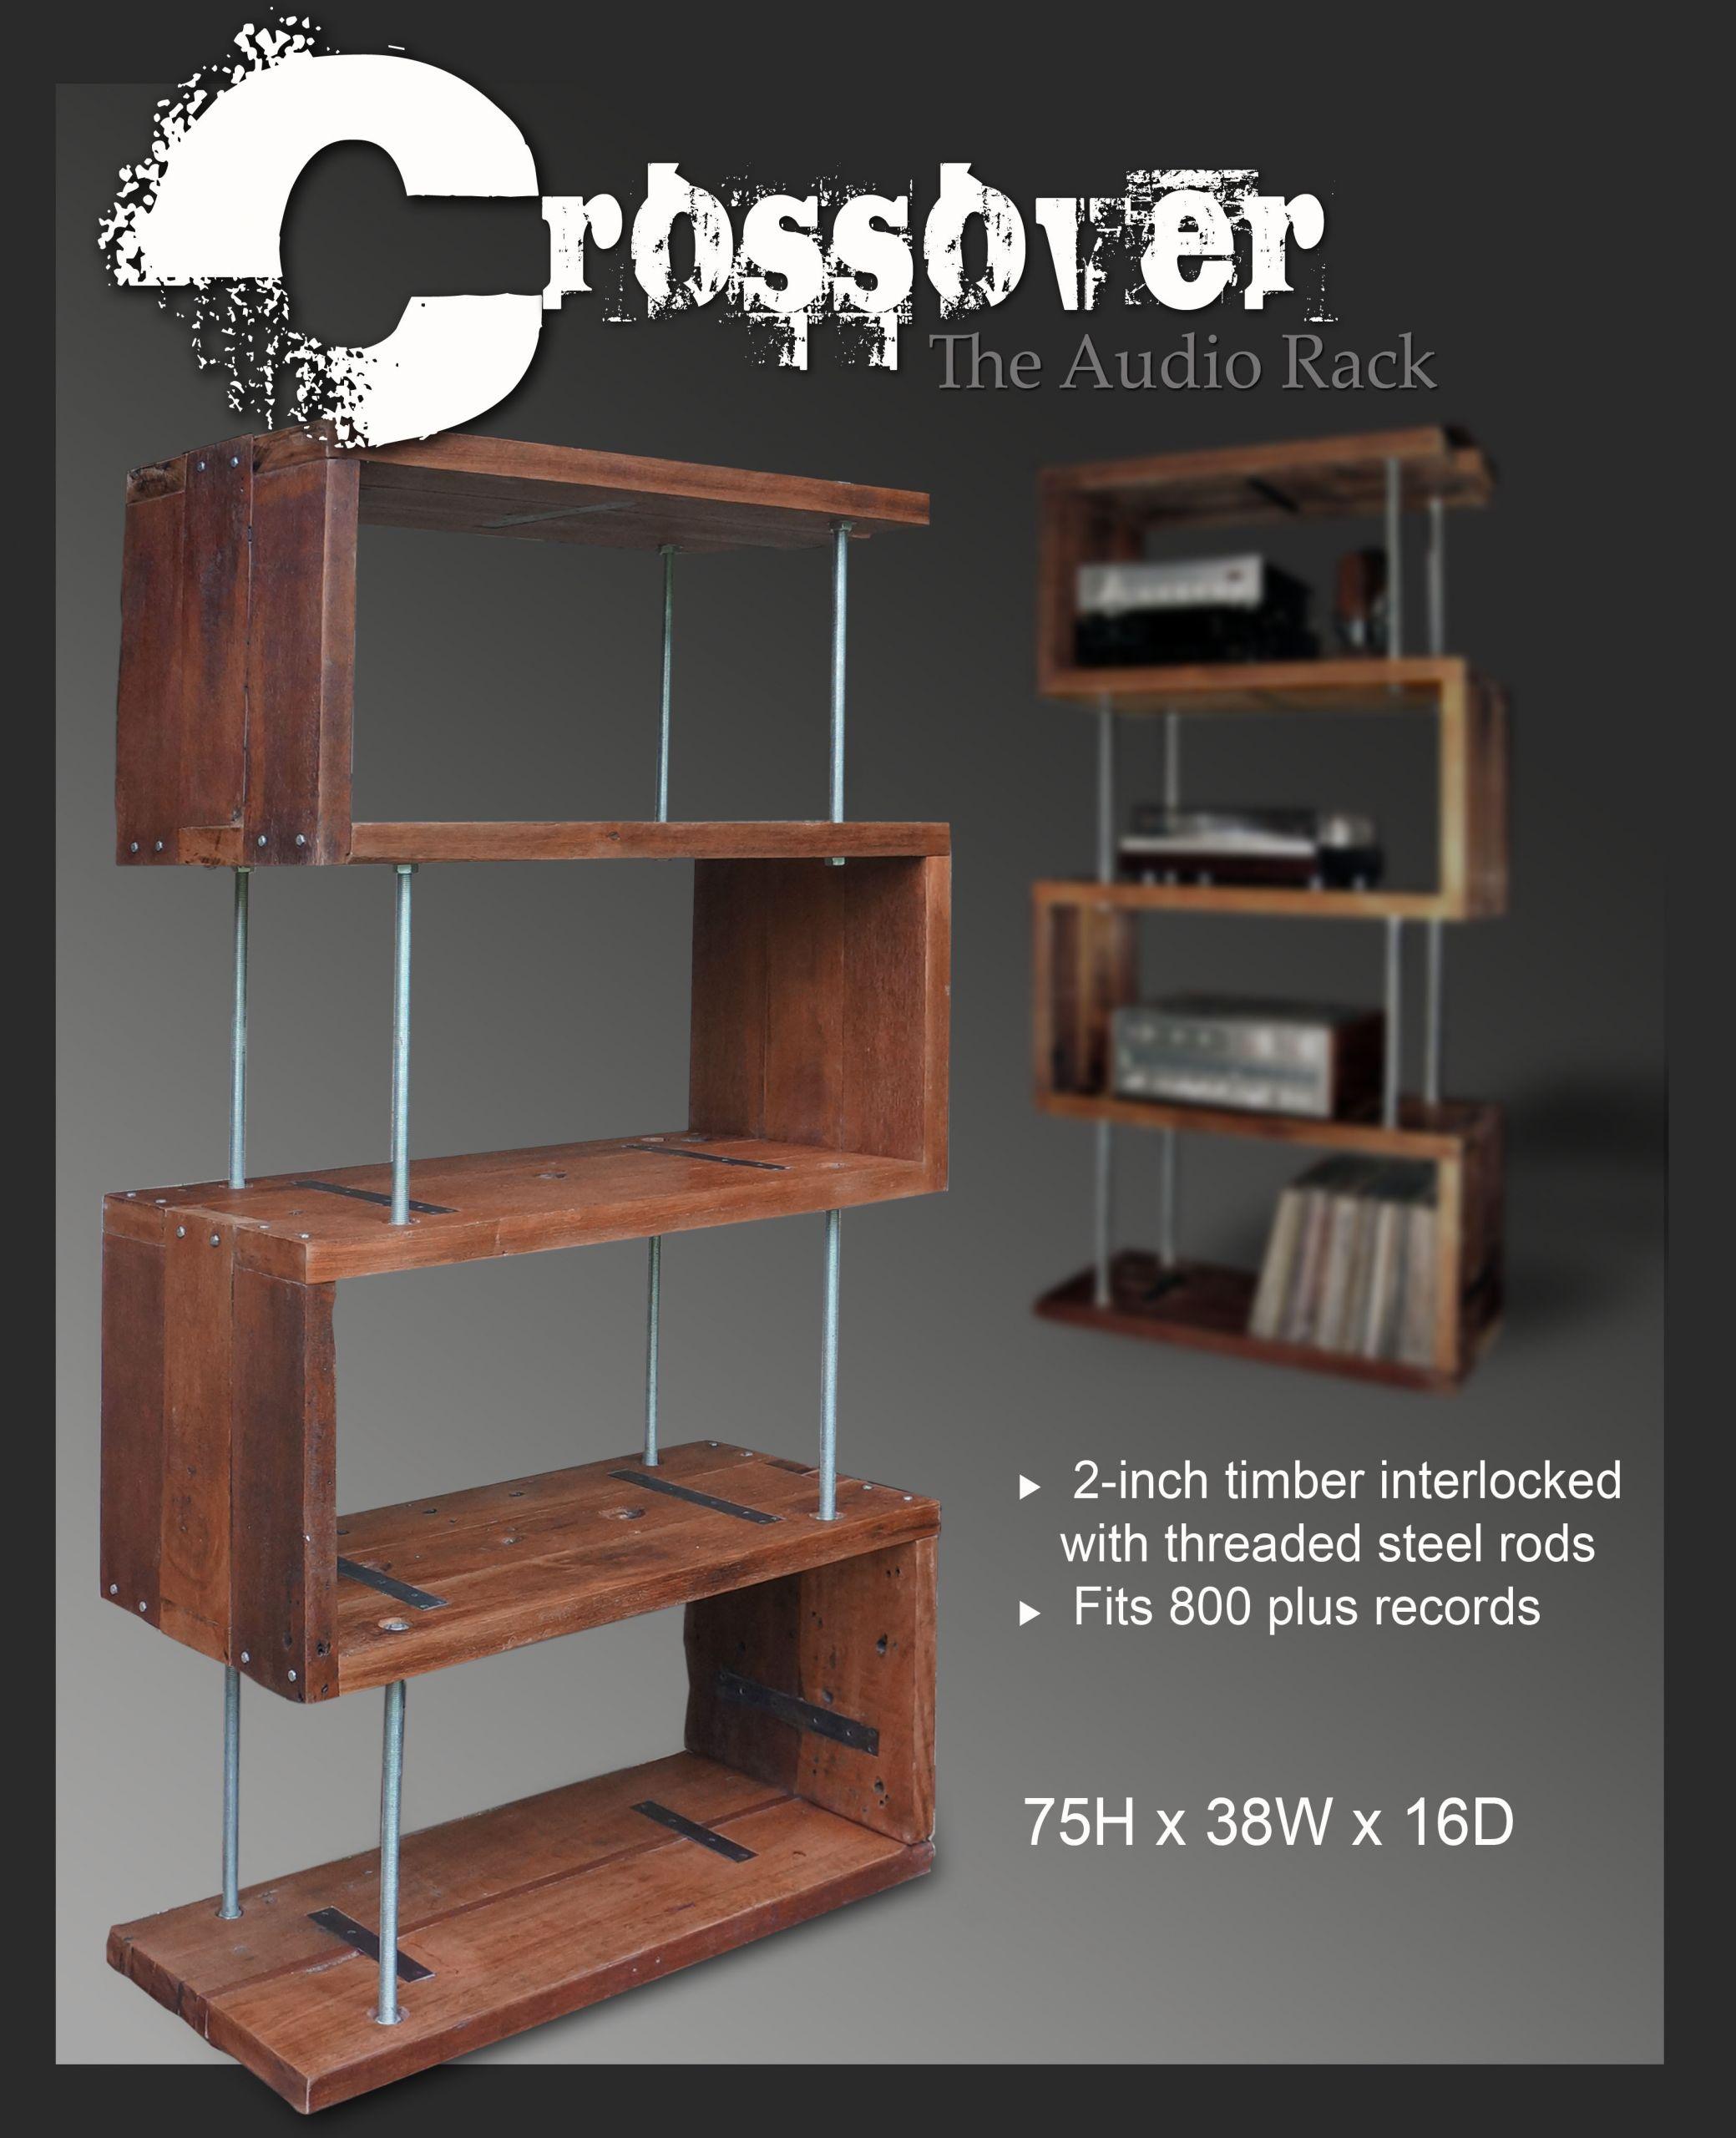 DIY Av Rack  DIY Wooden Av Rack Wooden PDF diagonal bookcase design